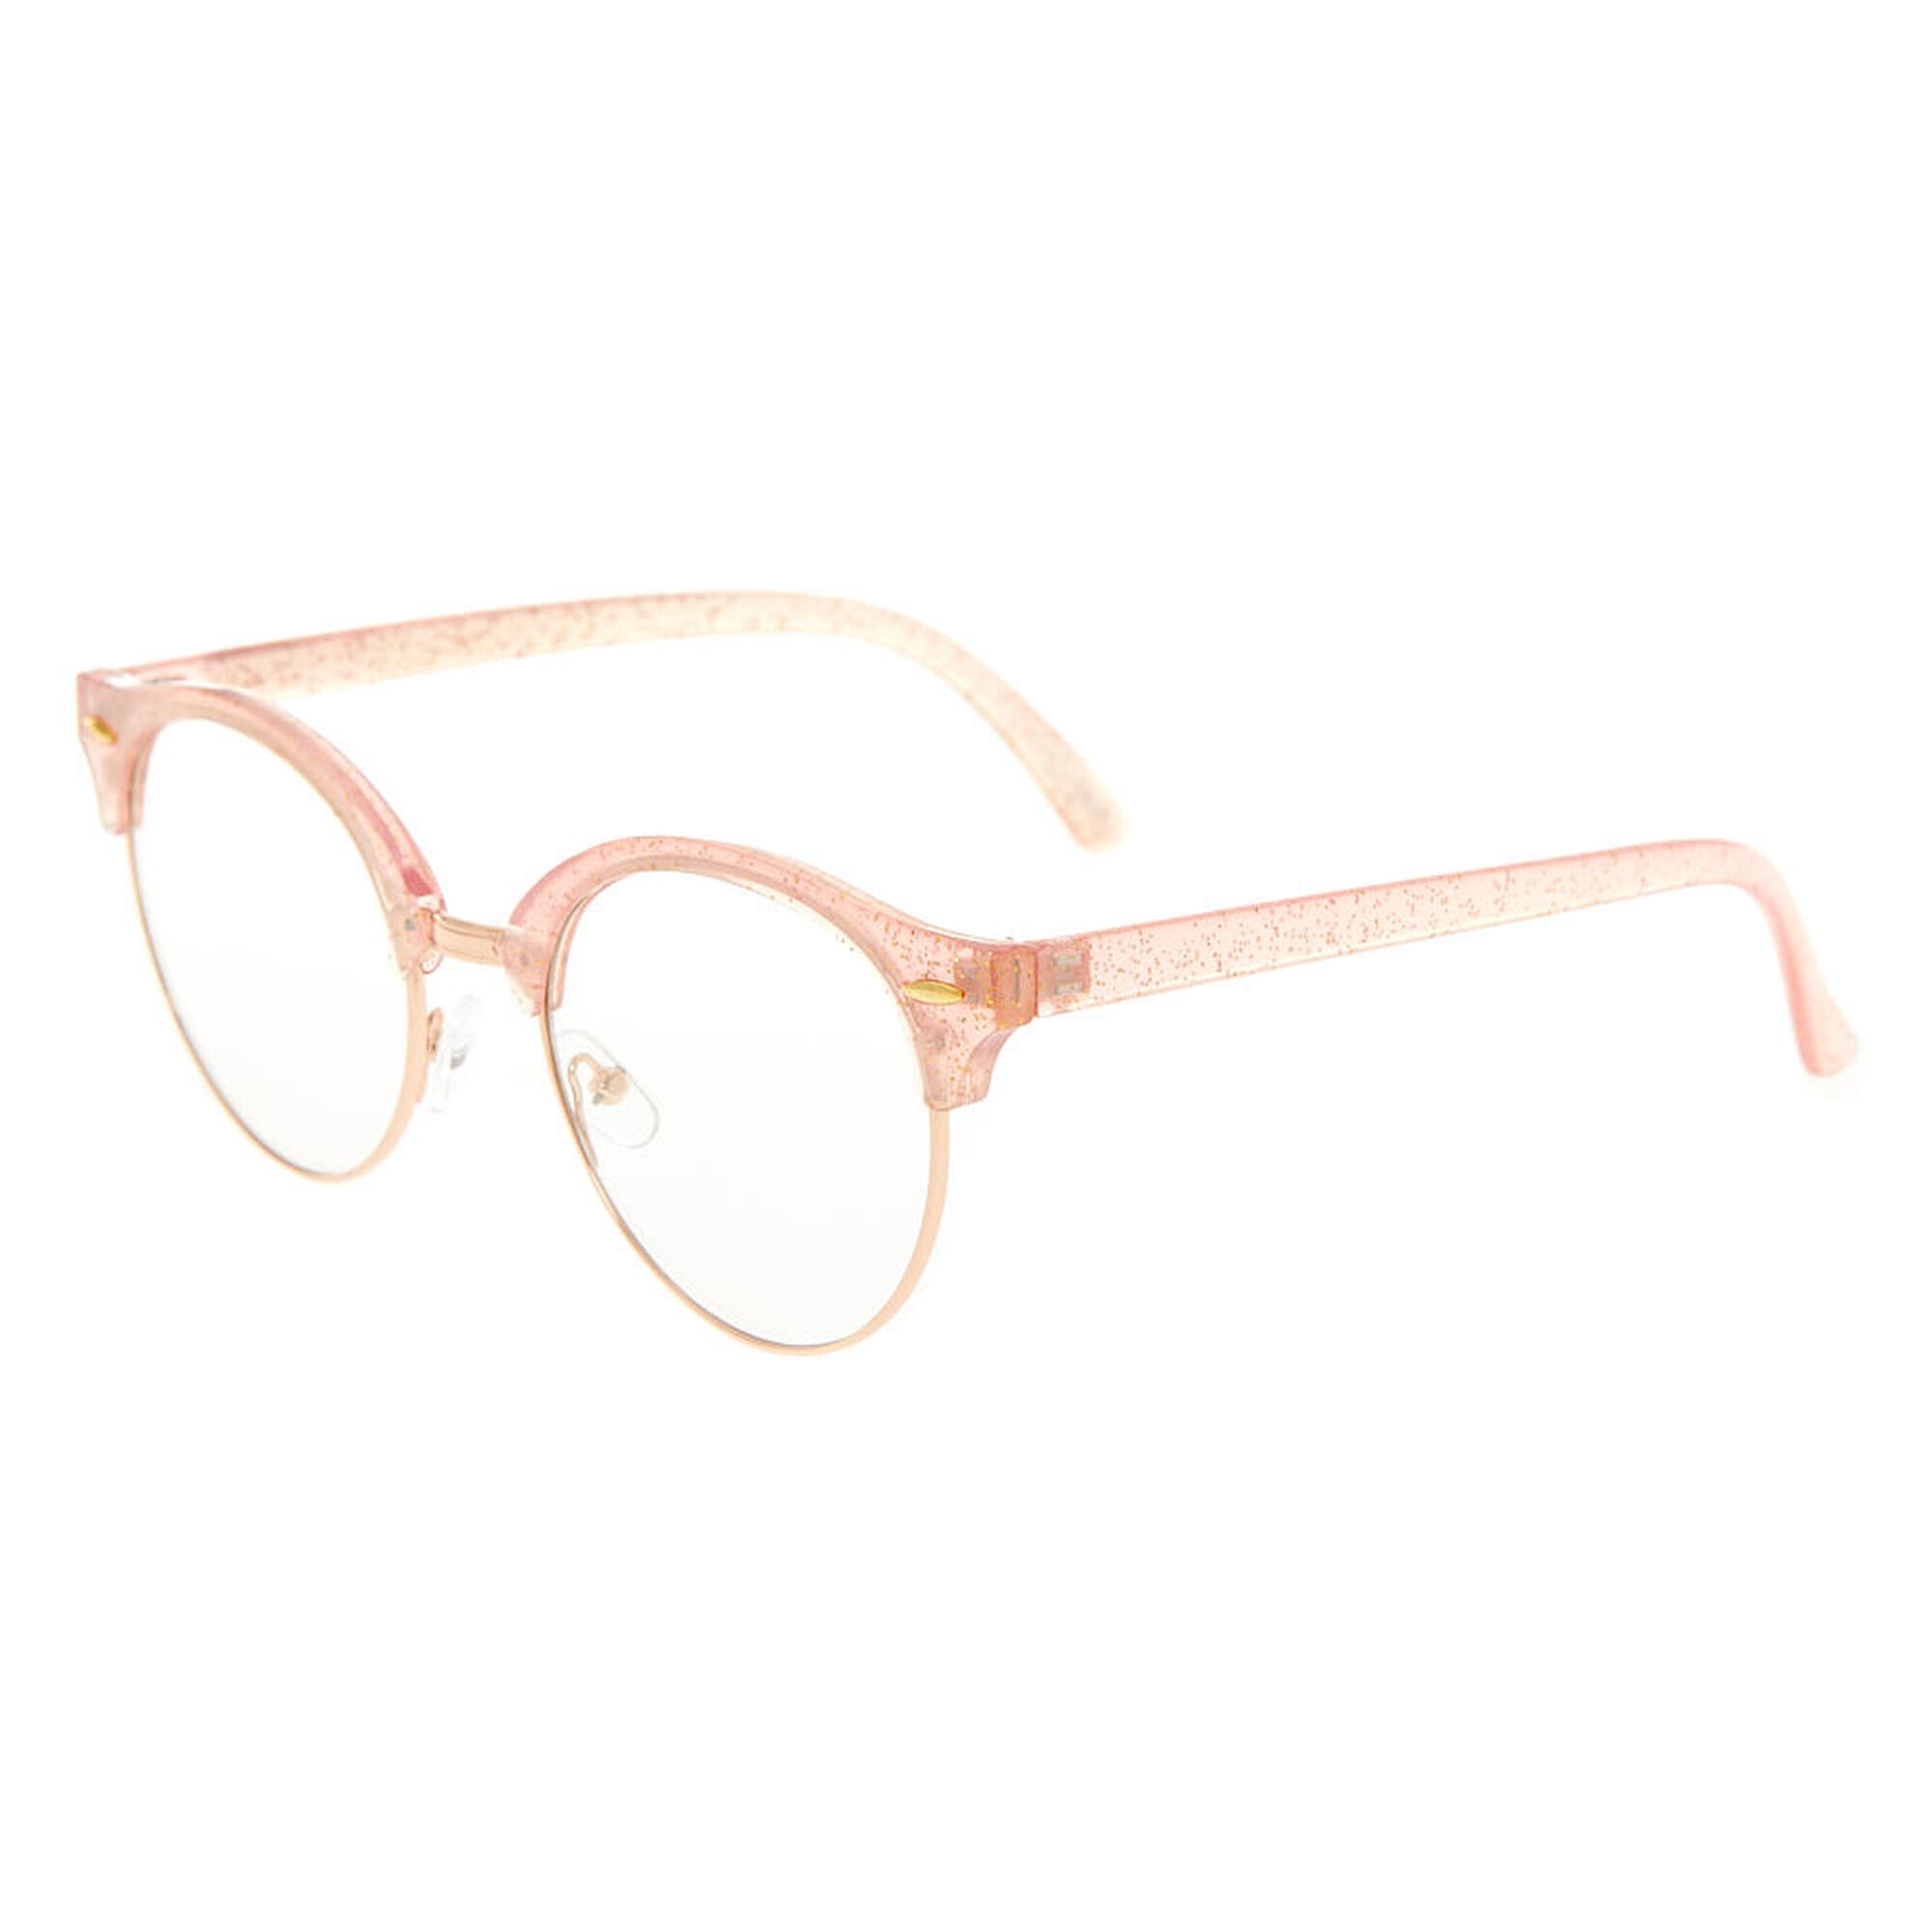 Rose Gold Glitter Frames - Pink | Icing US